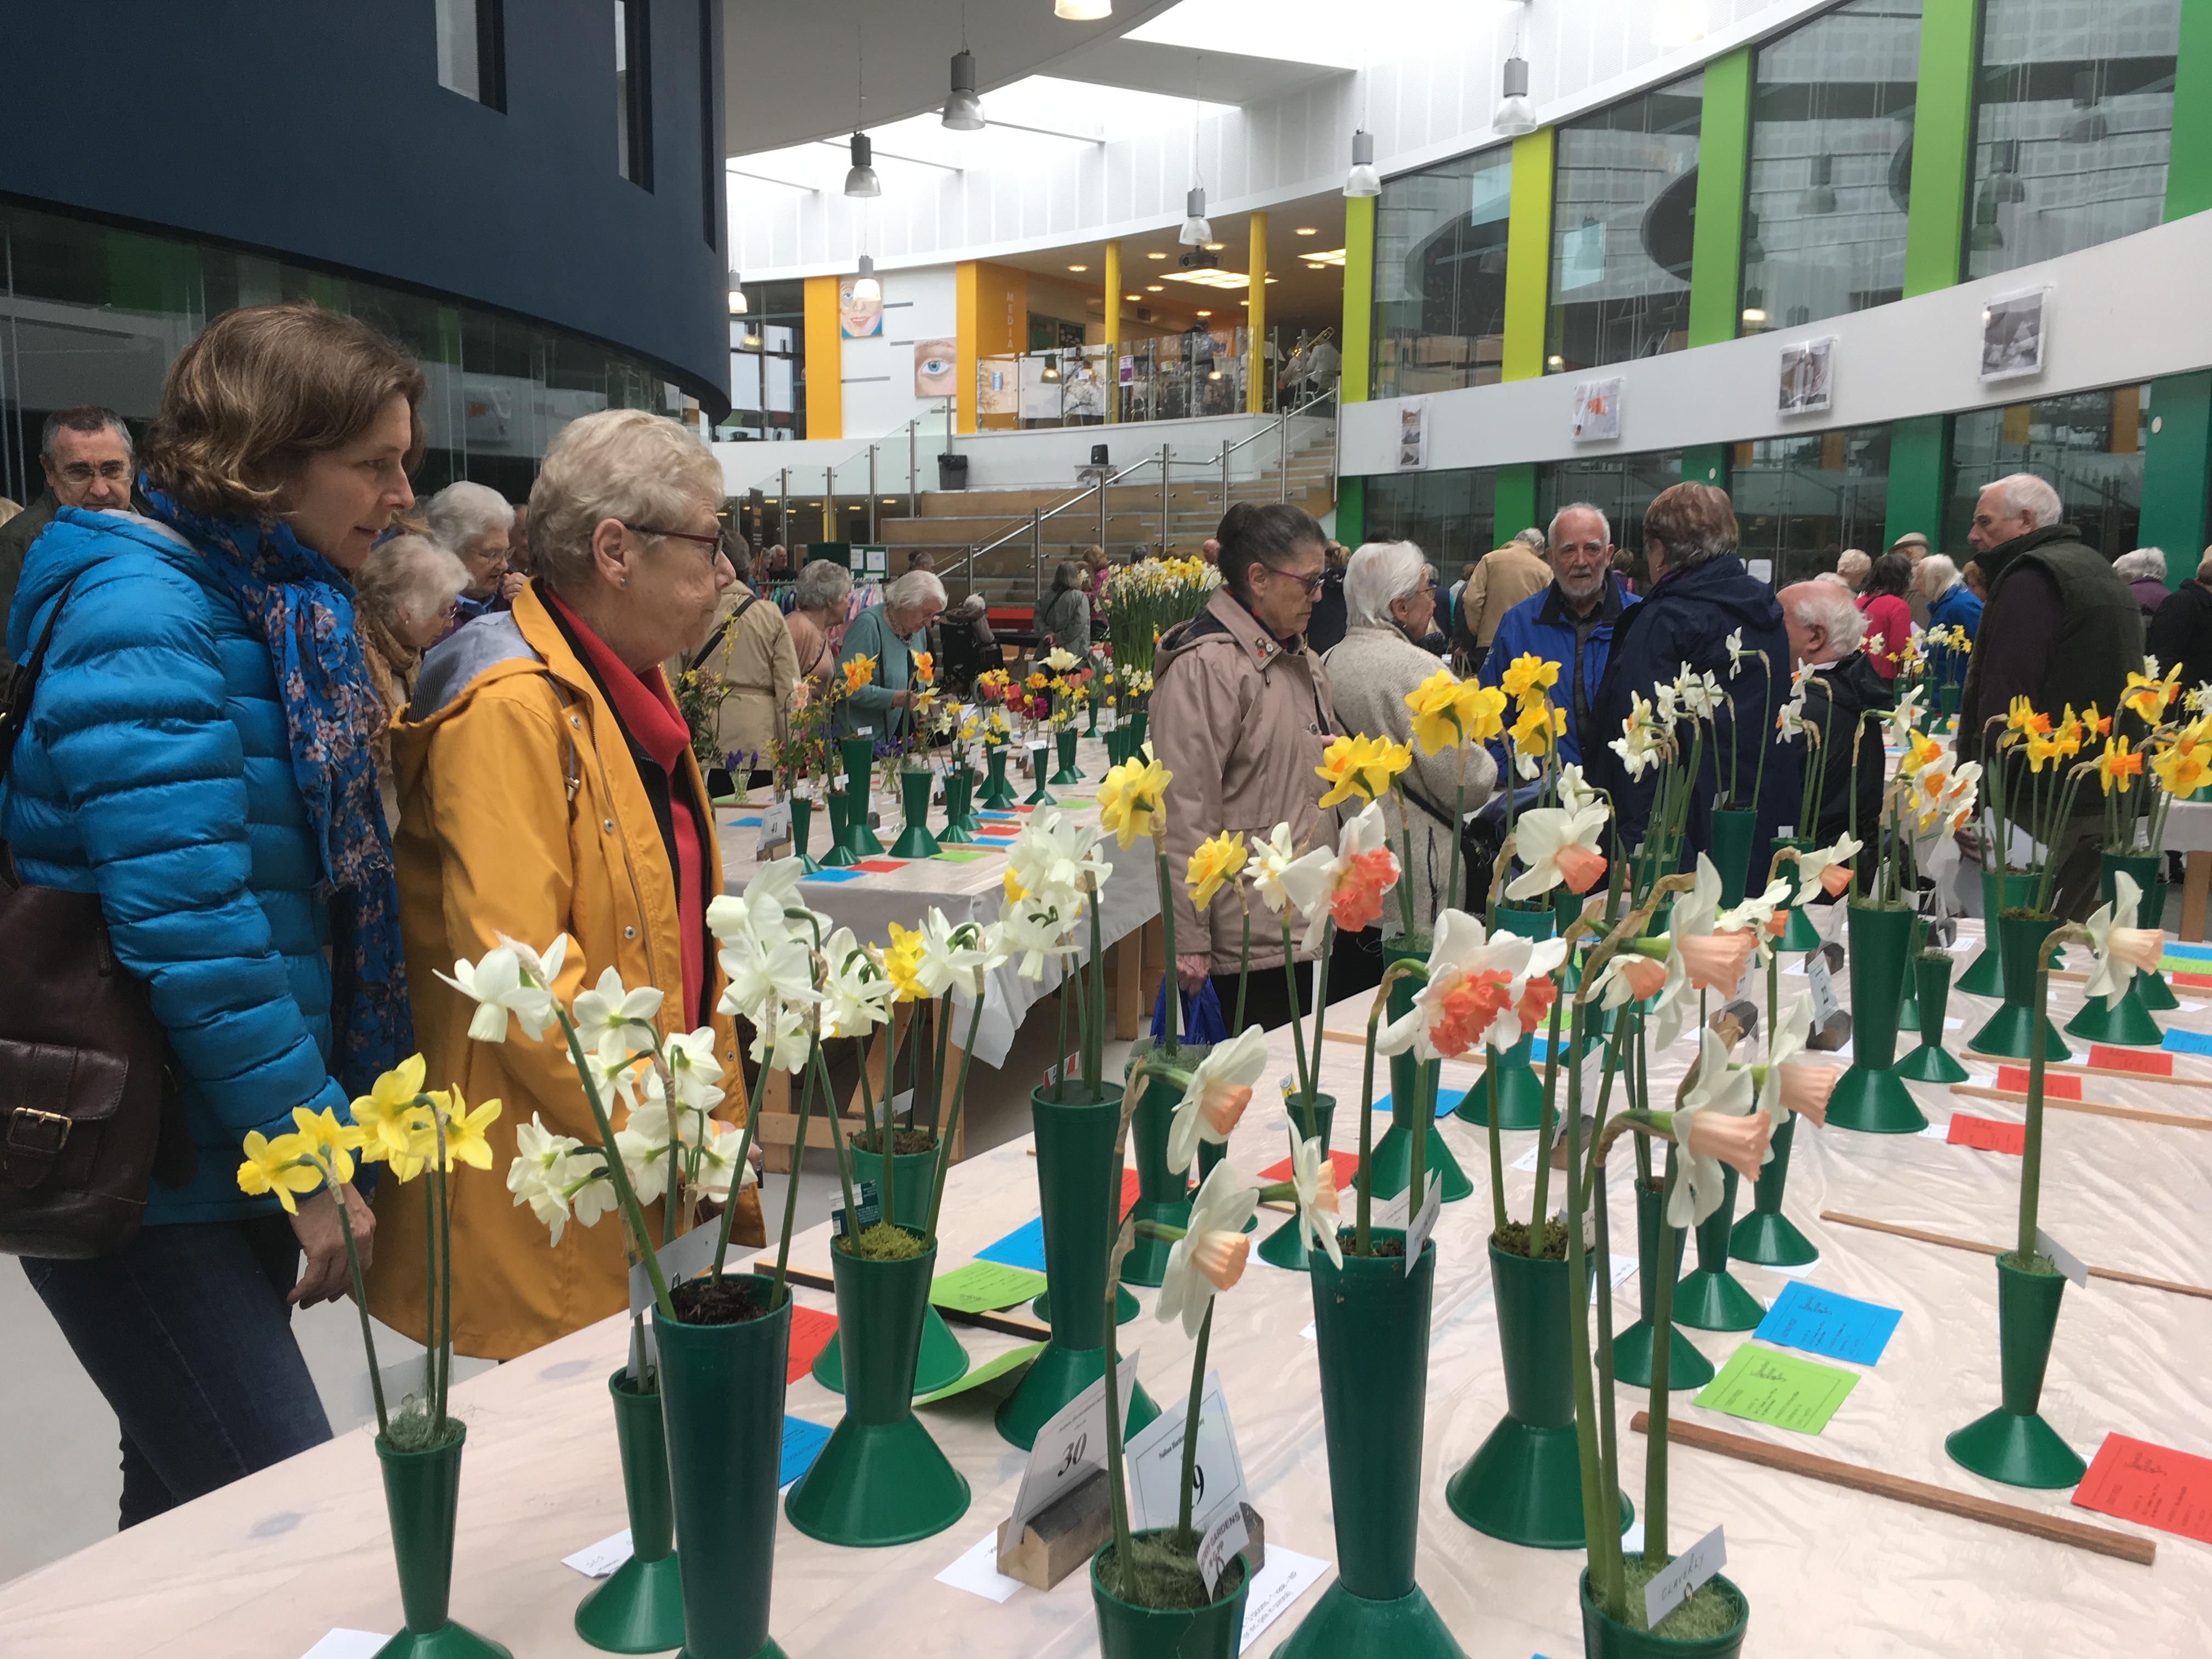 Nailsea Spring Show 2018